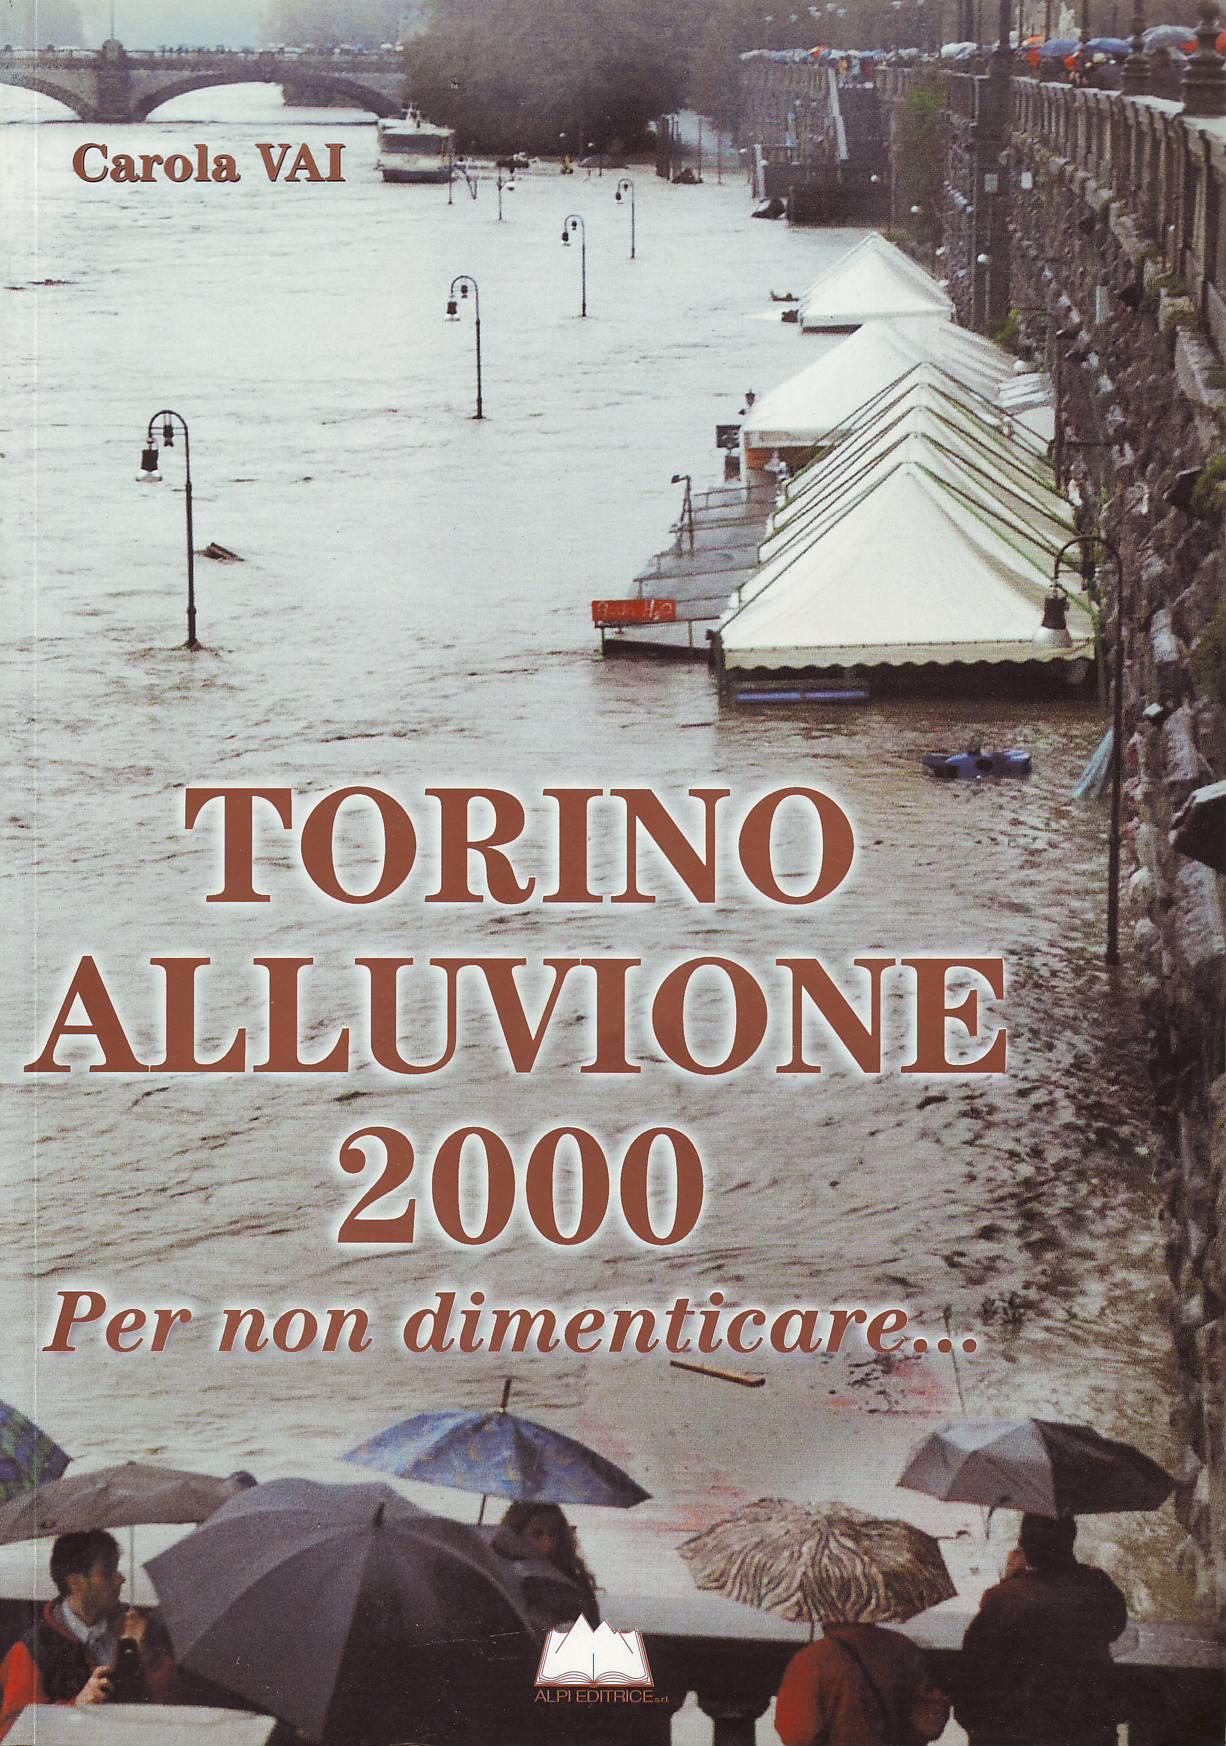 Torino, alluvione 2000